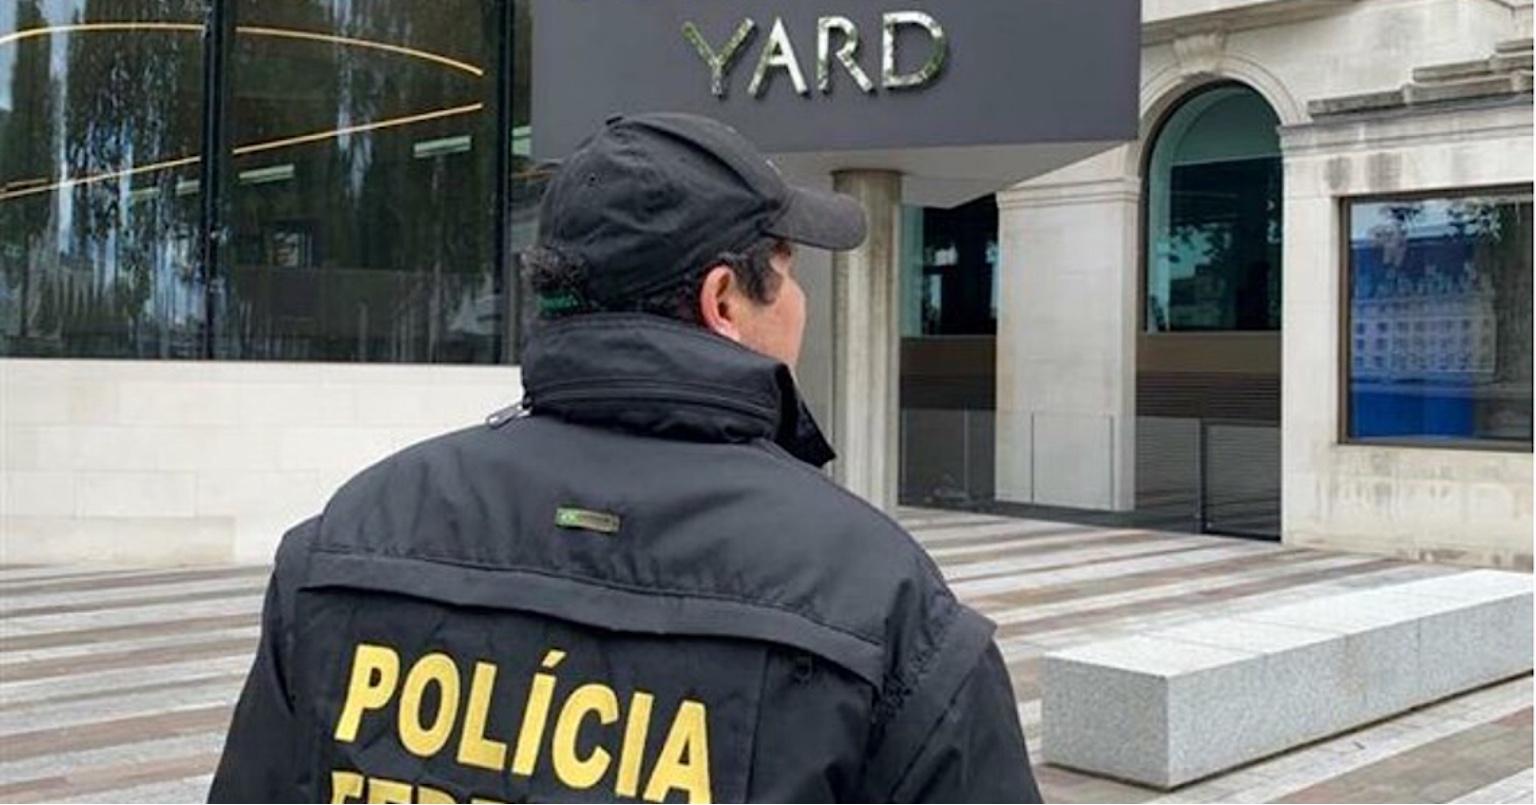 Polícia Federal deflagra Operação Sem Fronteiras para combater corrupção transnacional